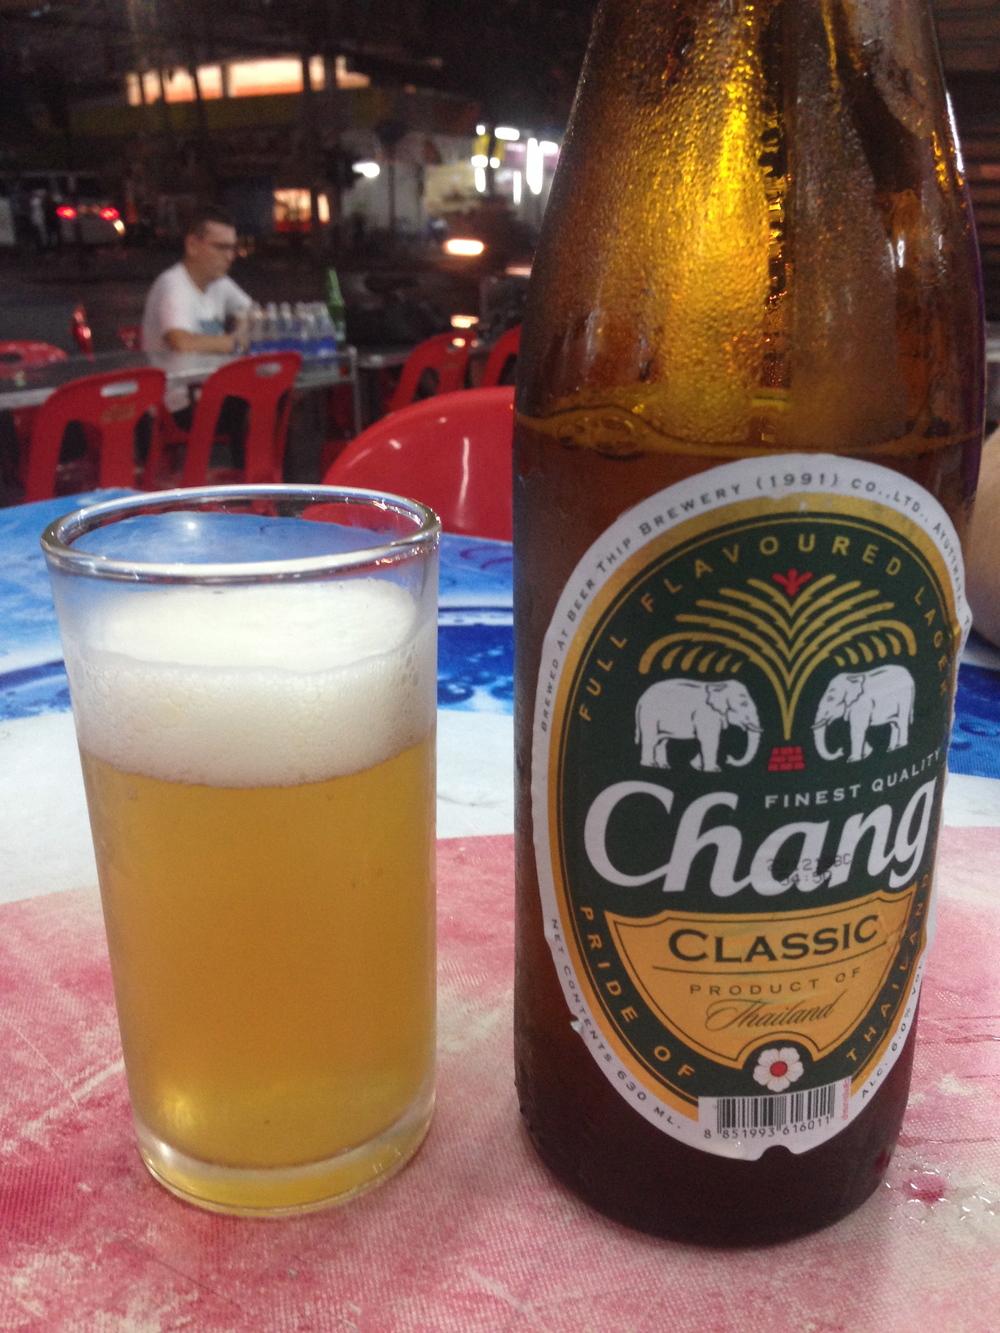 Classic Thai beer